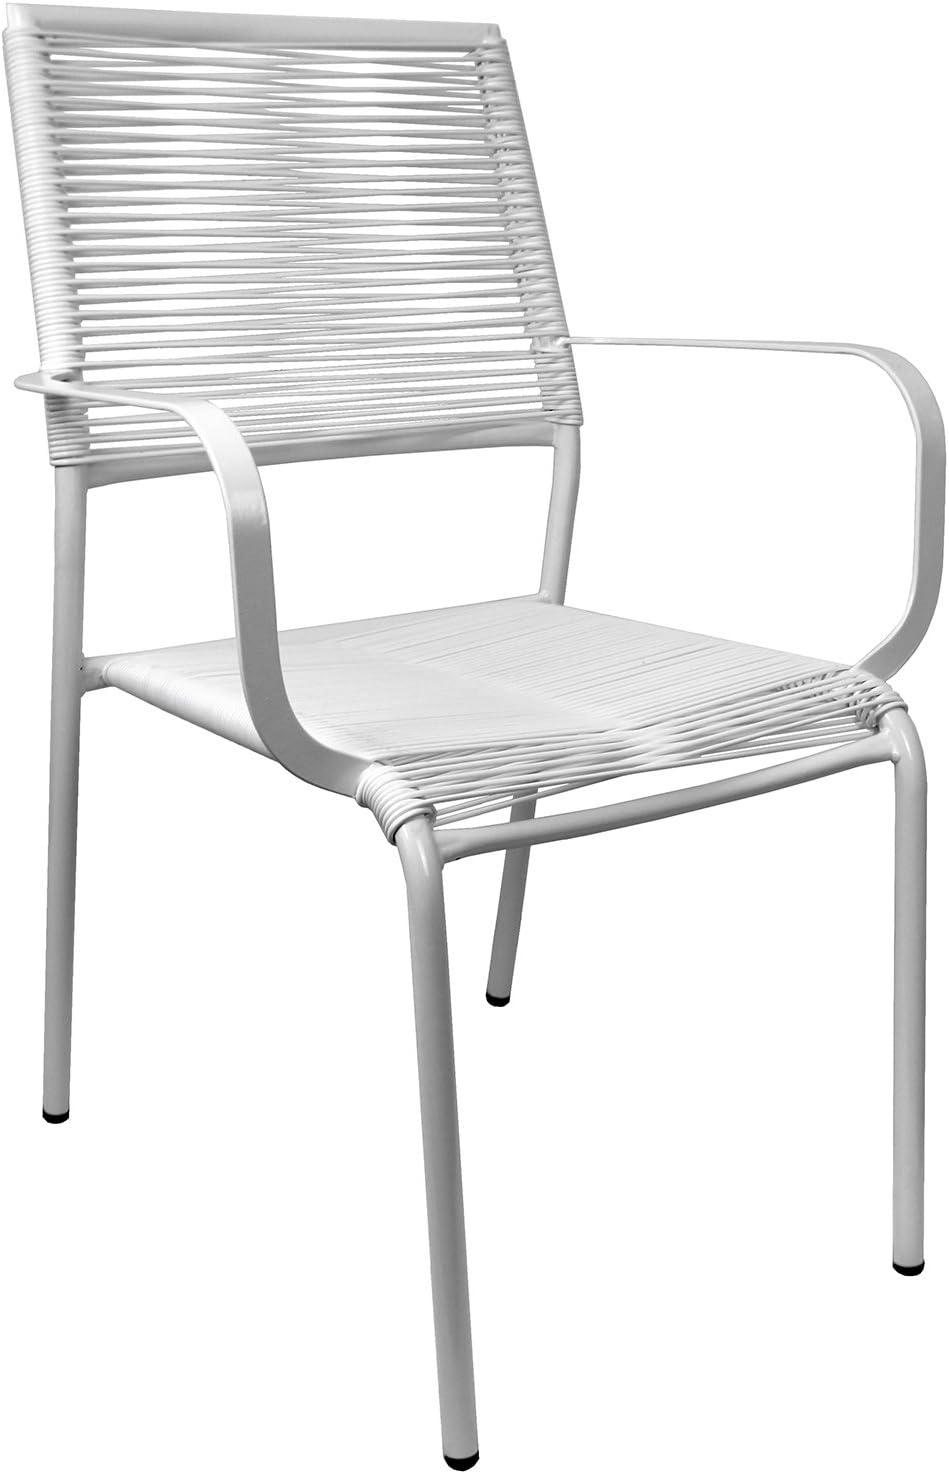 Spaghetti silla apilable con reposabrazos, estructura de metal ...